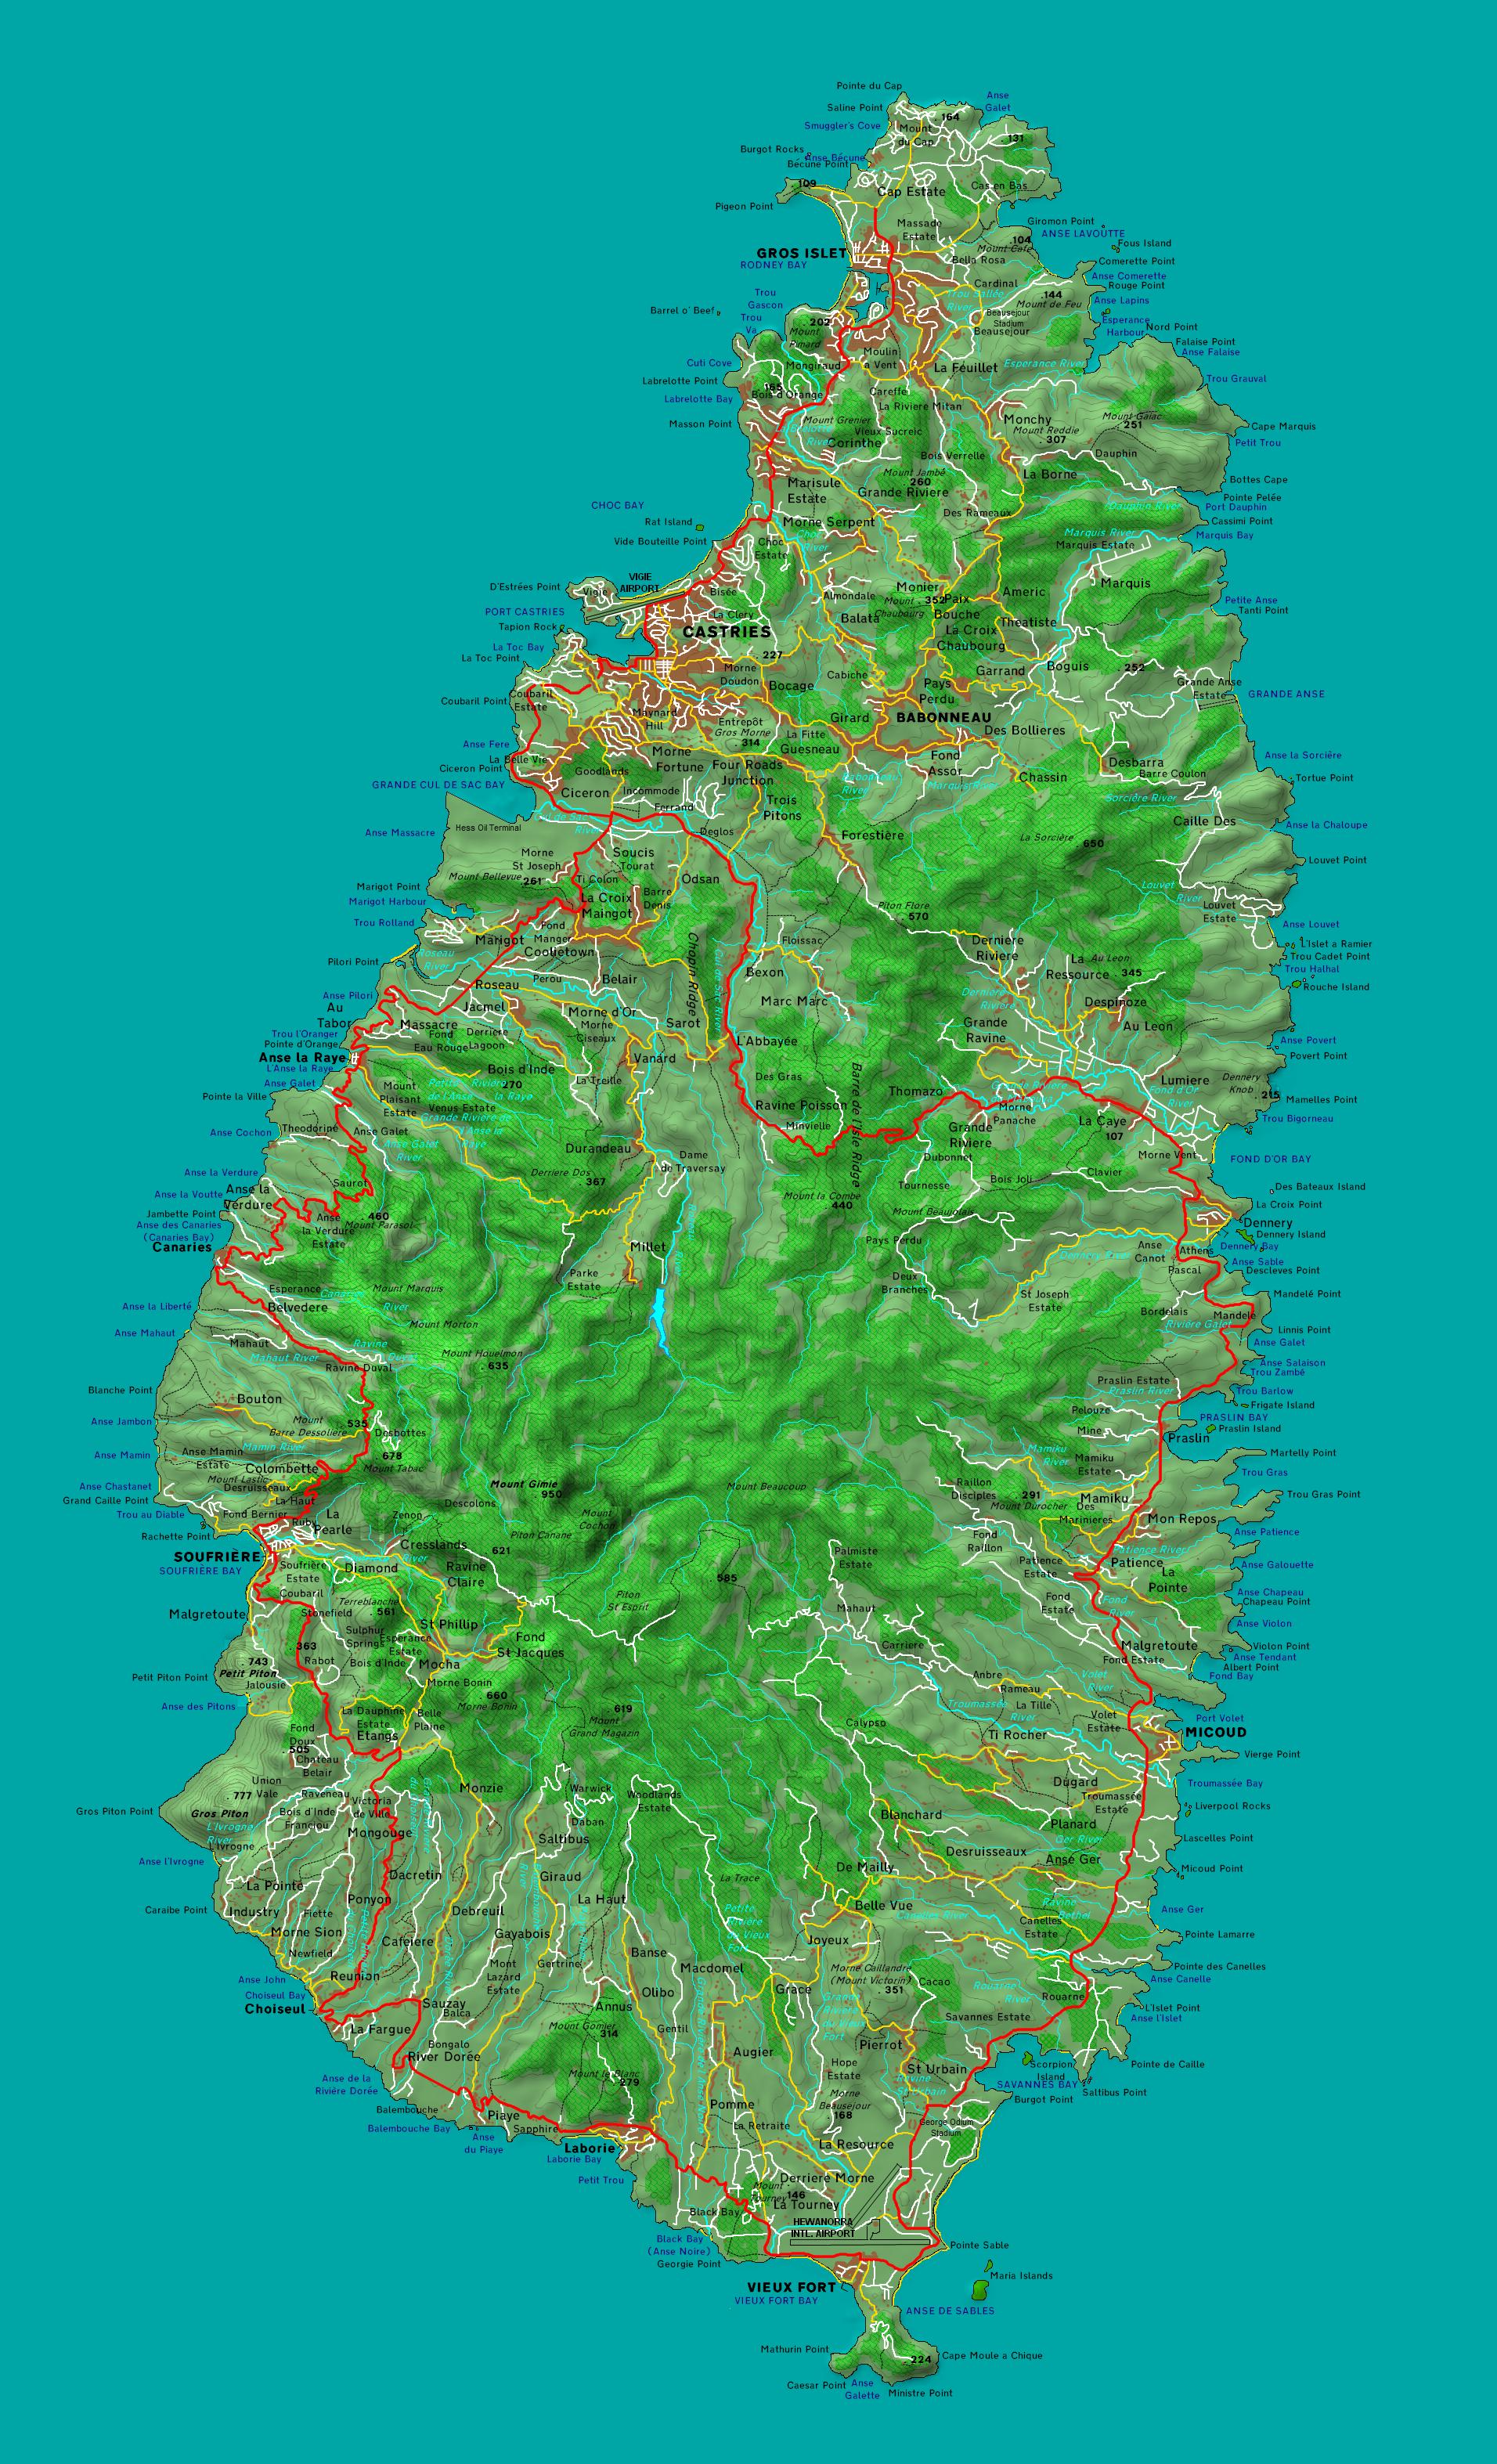 Detailed map of Saint Lucia | Santa lucia island ...